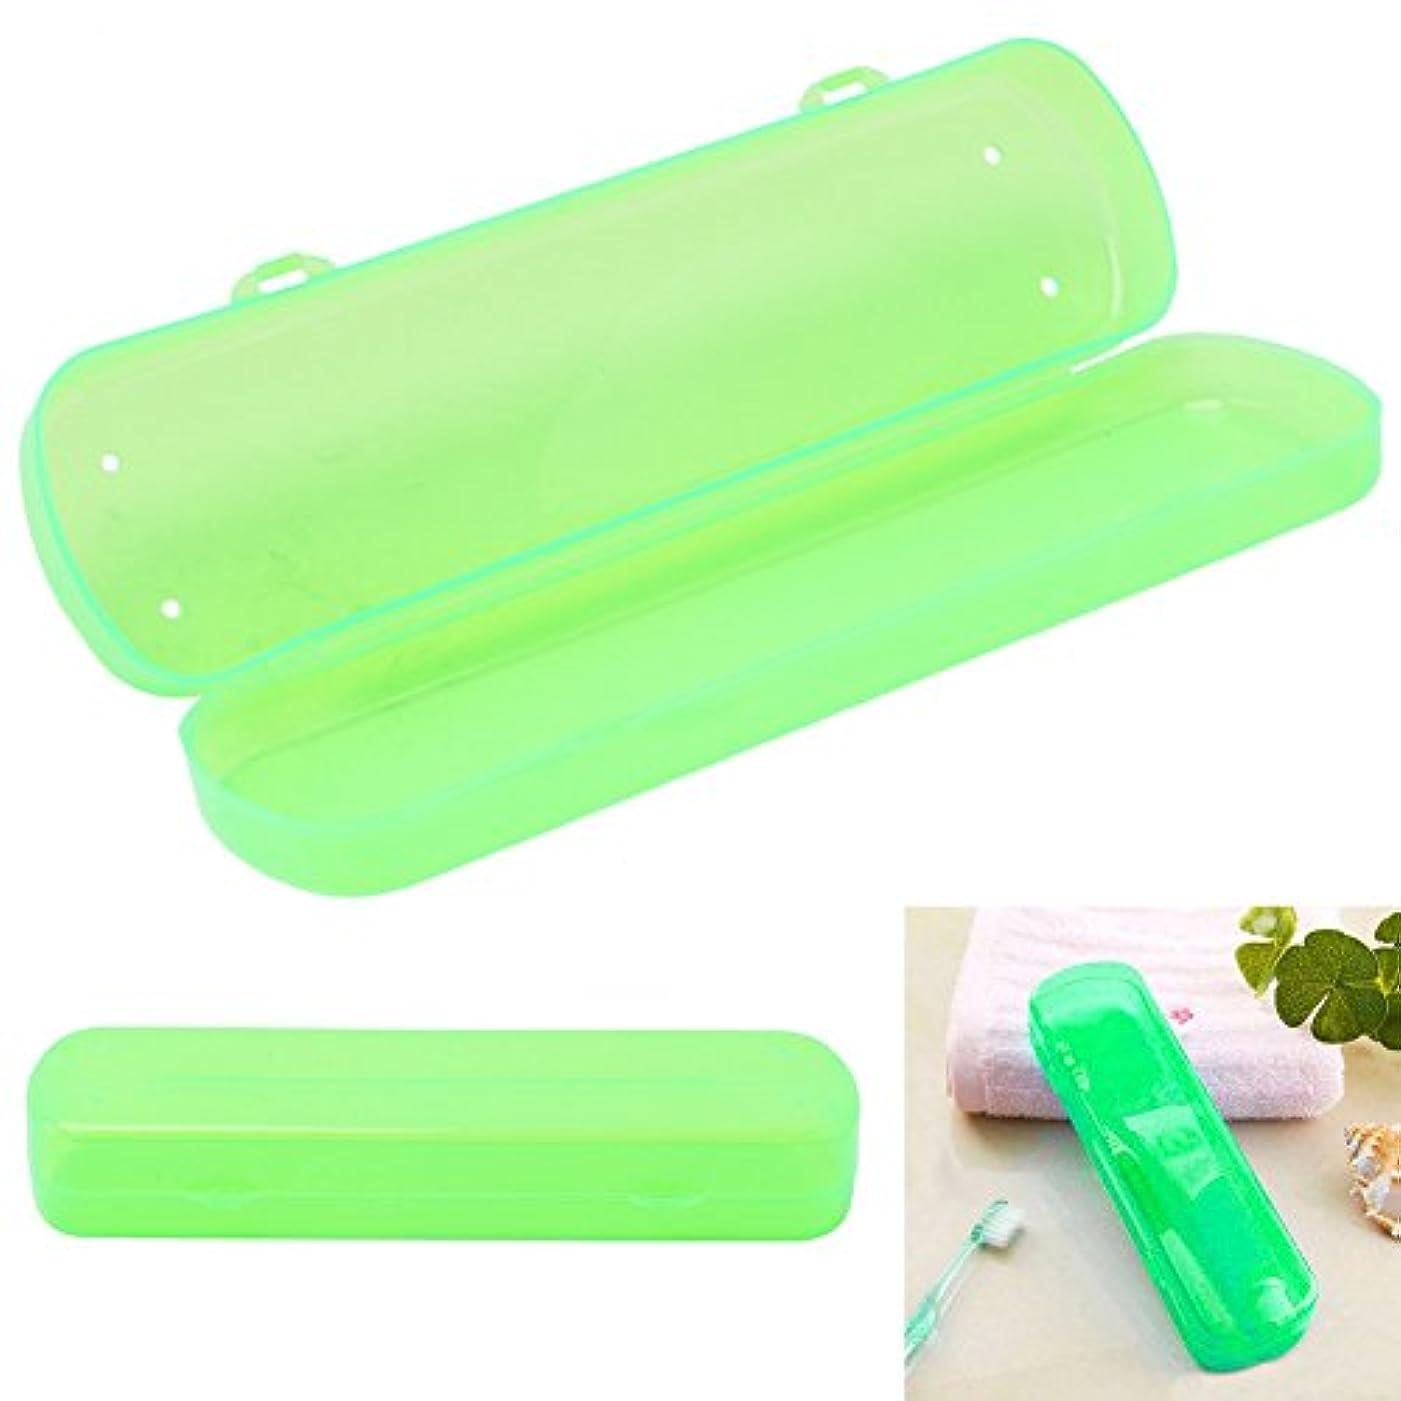 起点評論家散らすMerssavo プラスチック製歯ブラシケース/旅行用ホルダー(グリーン)